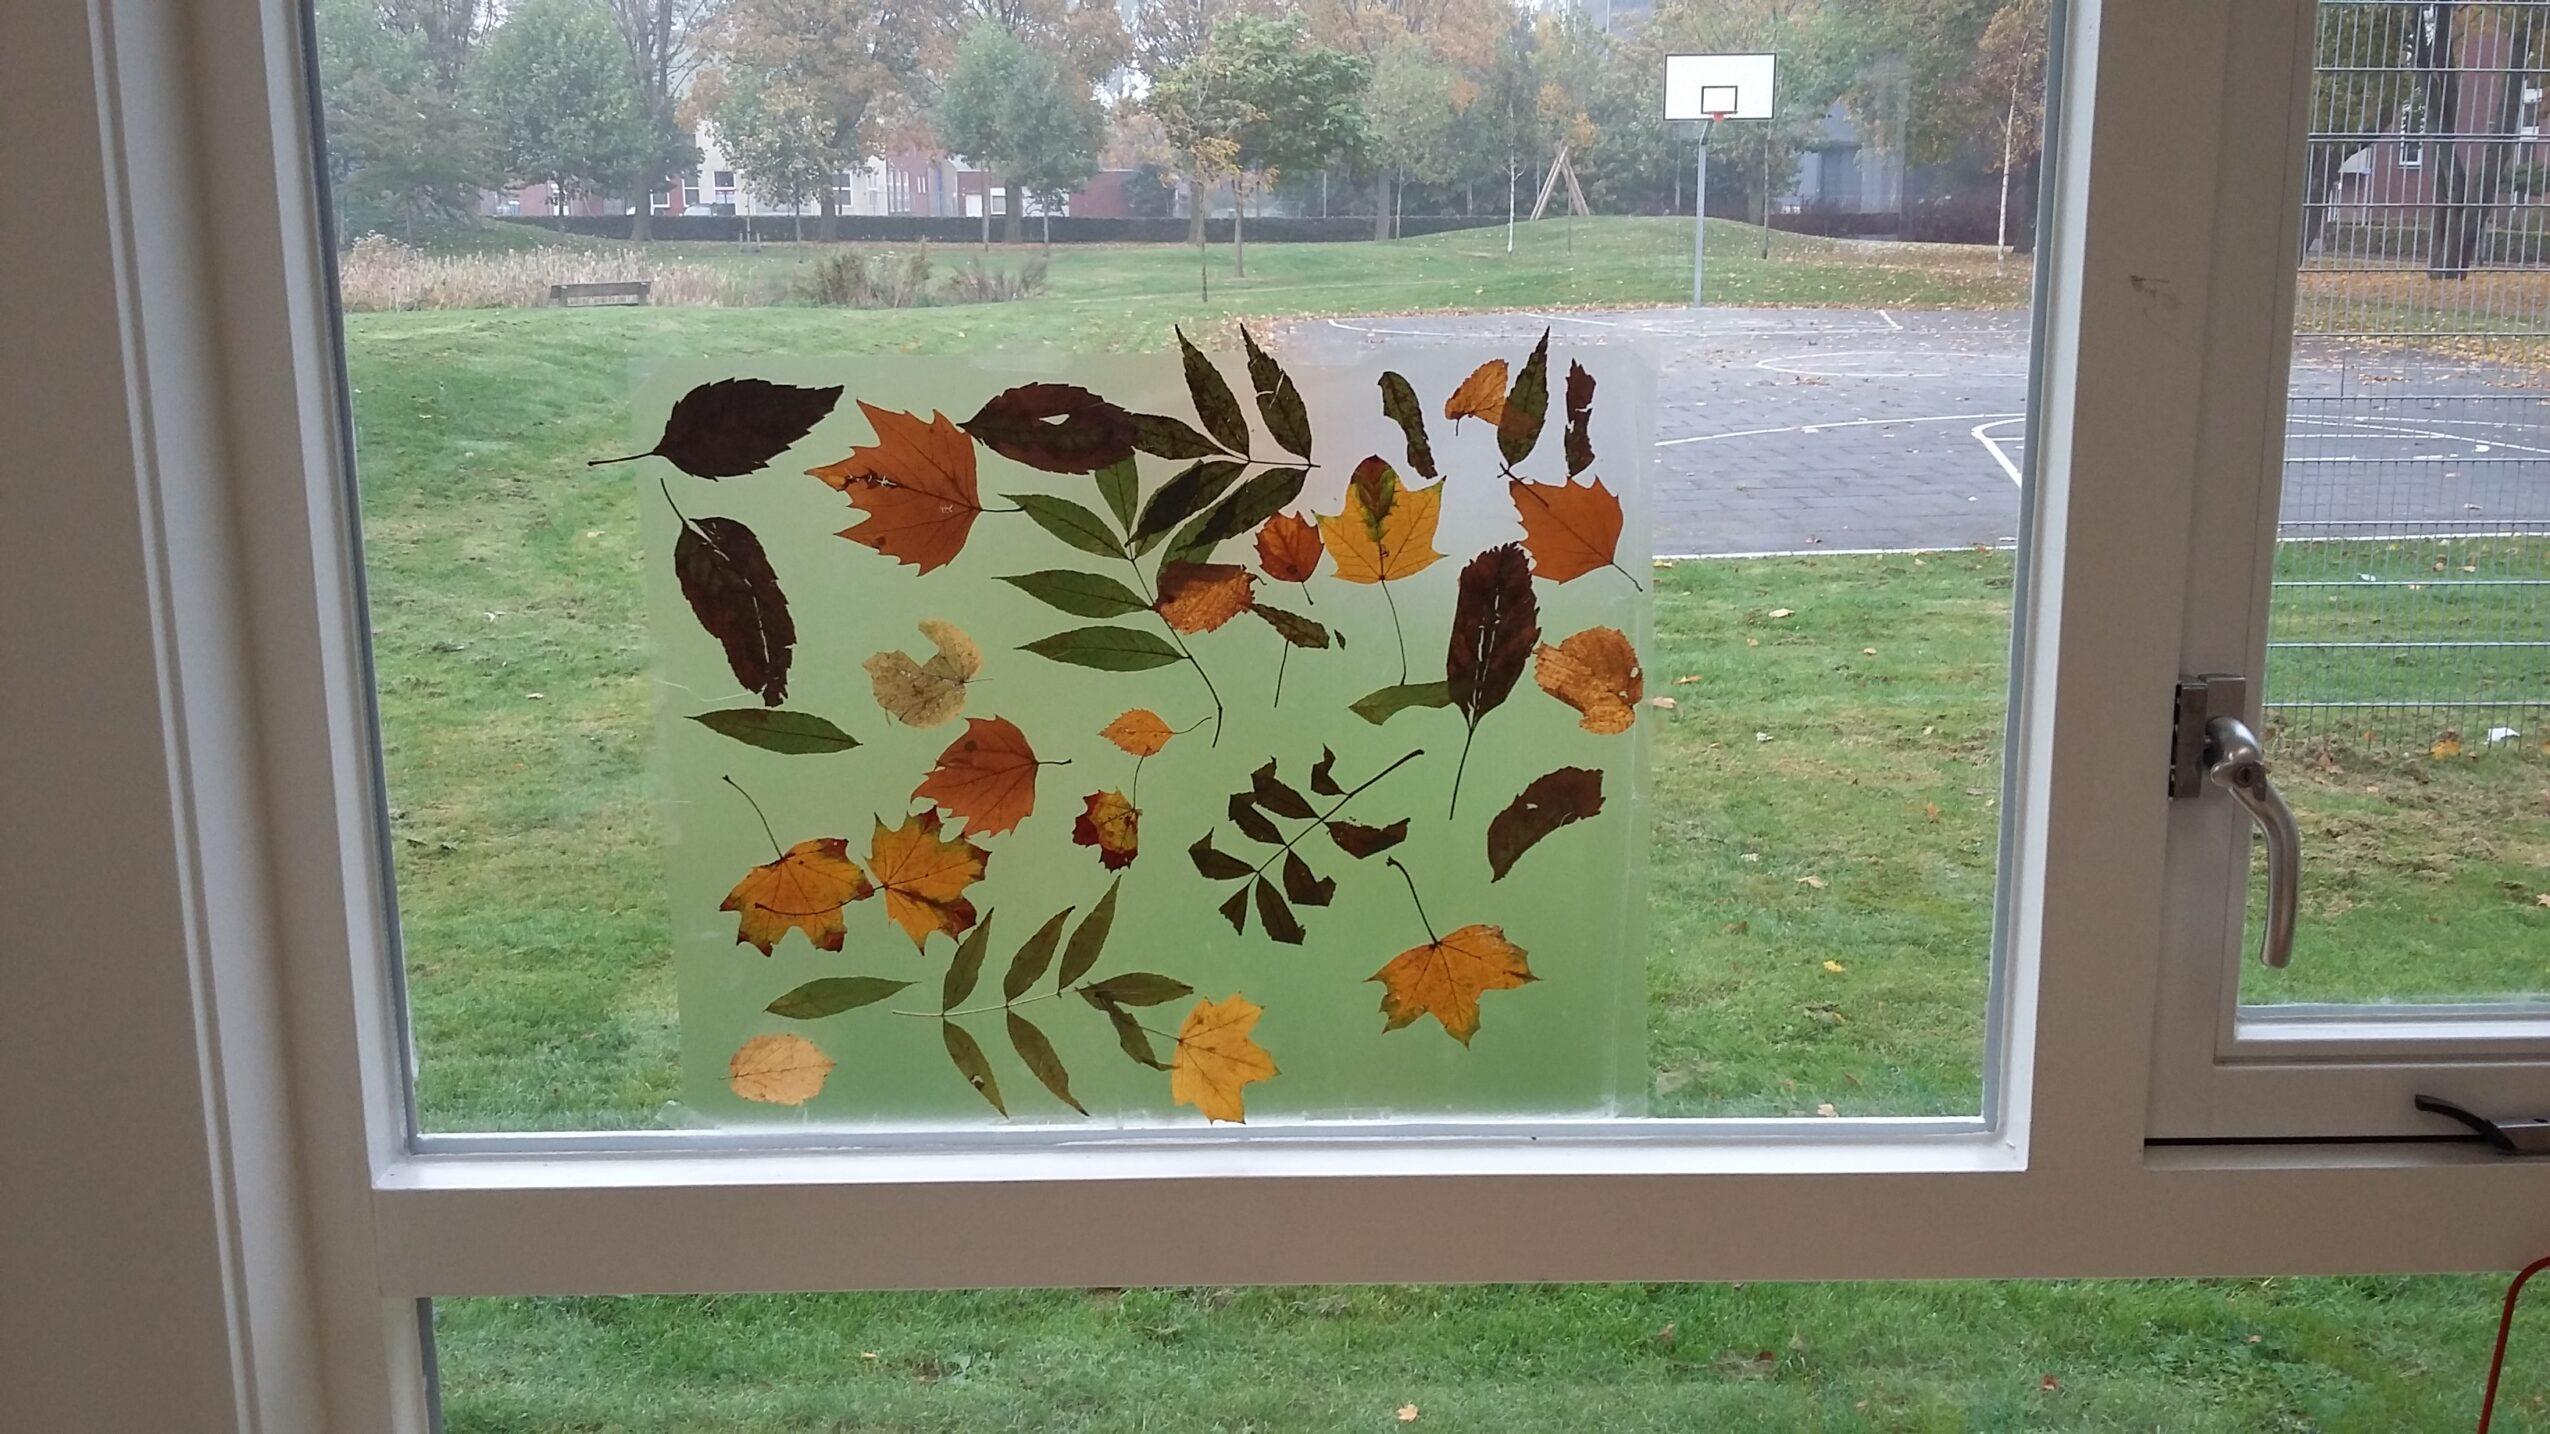 Herfstbladeren met folie op het raam